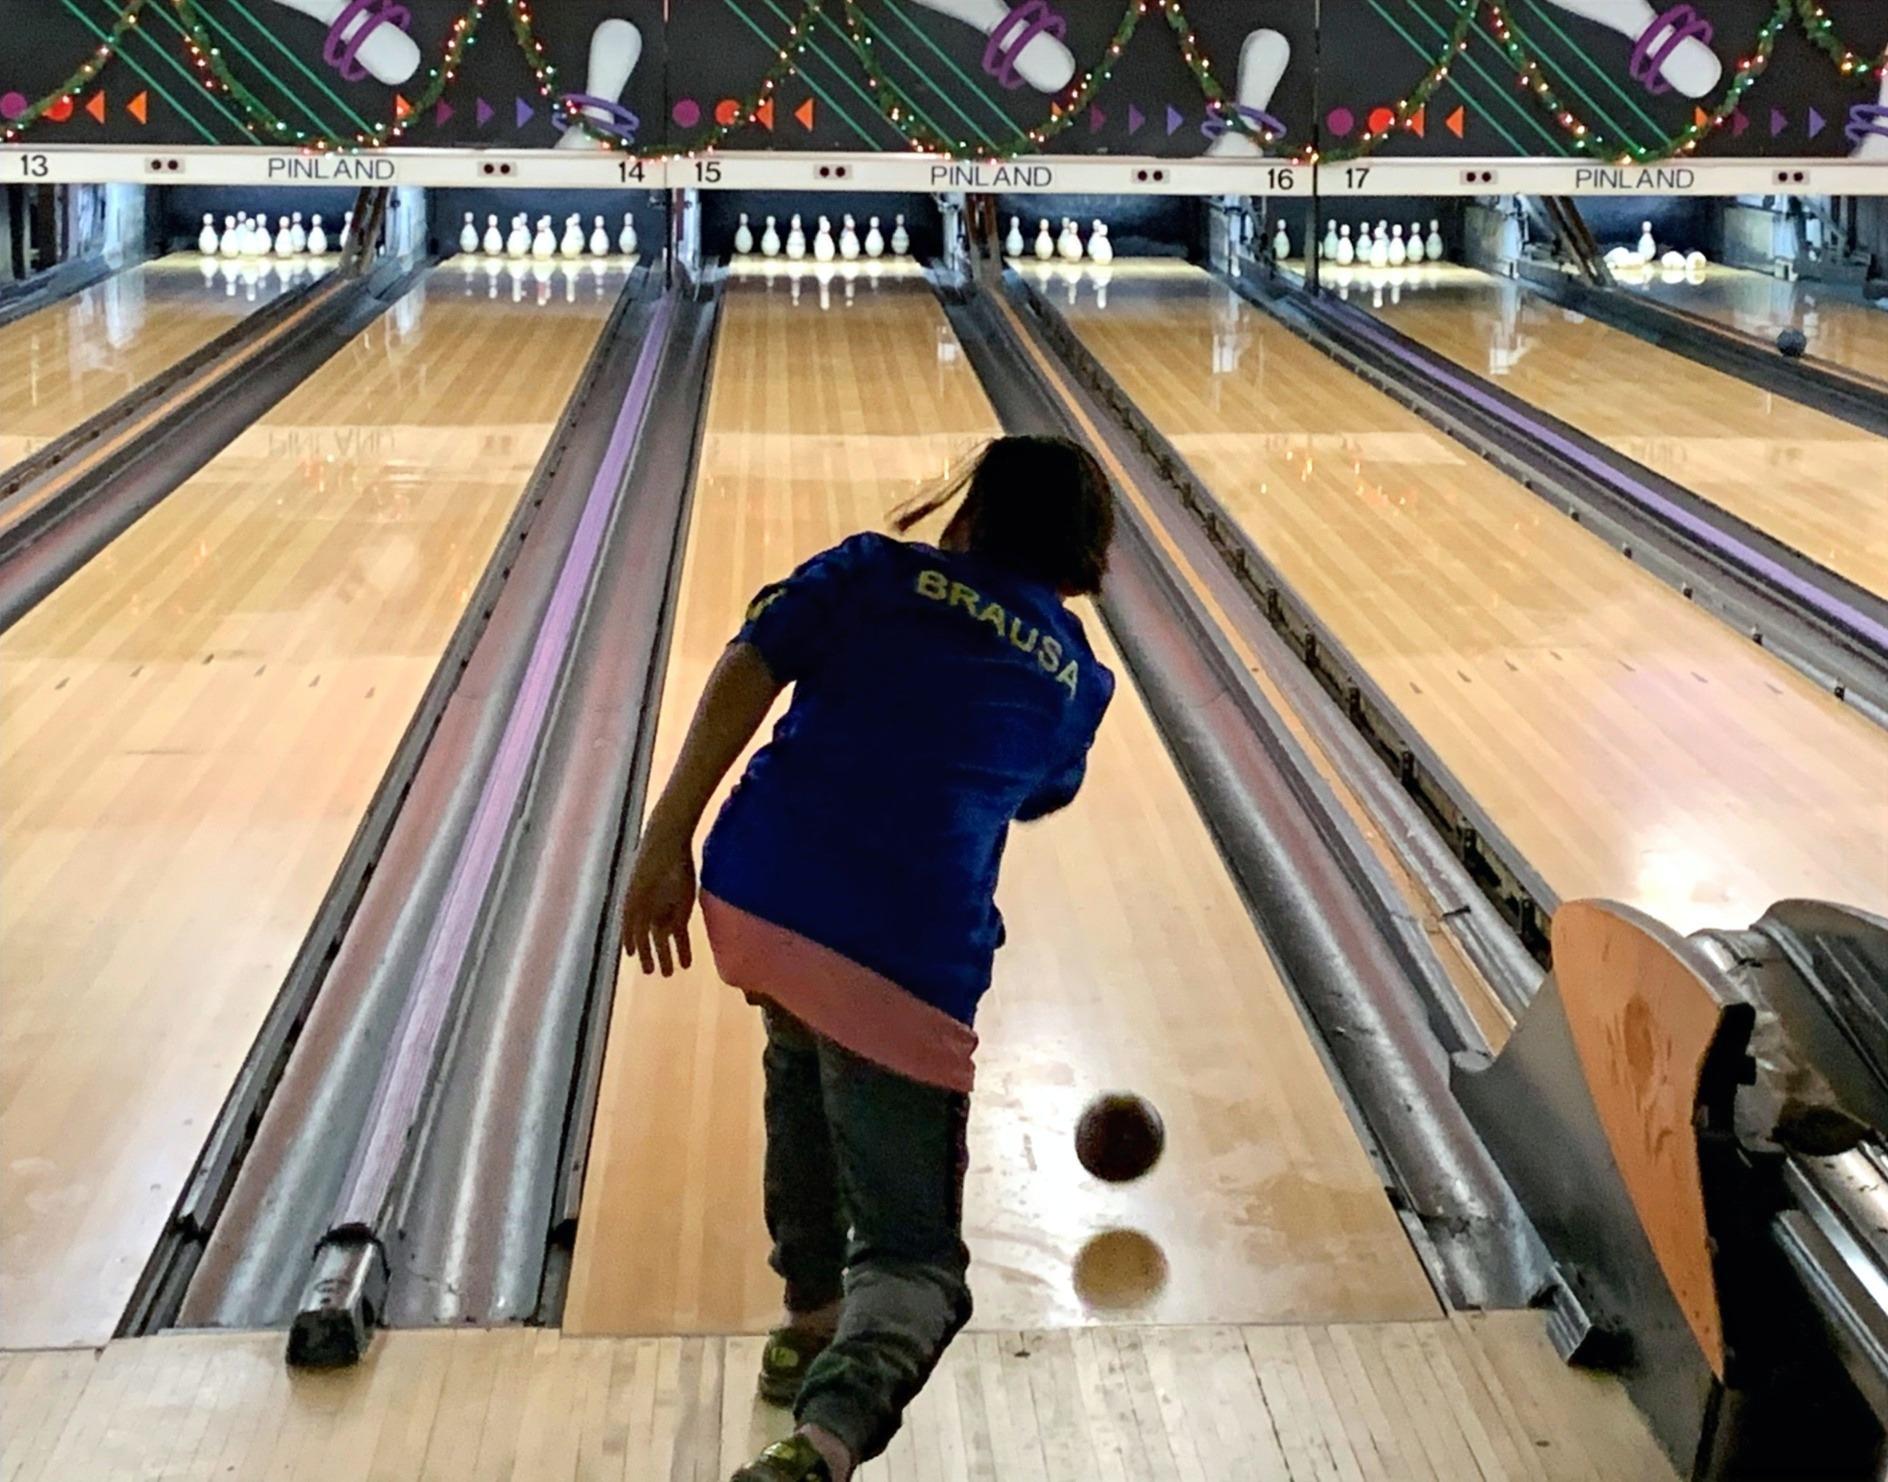 Bowling_edited_edited